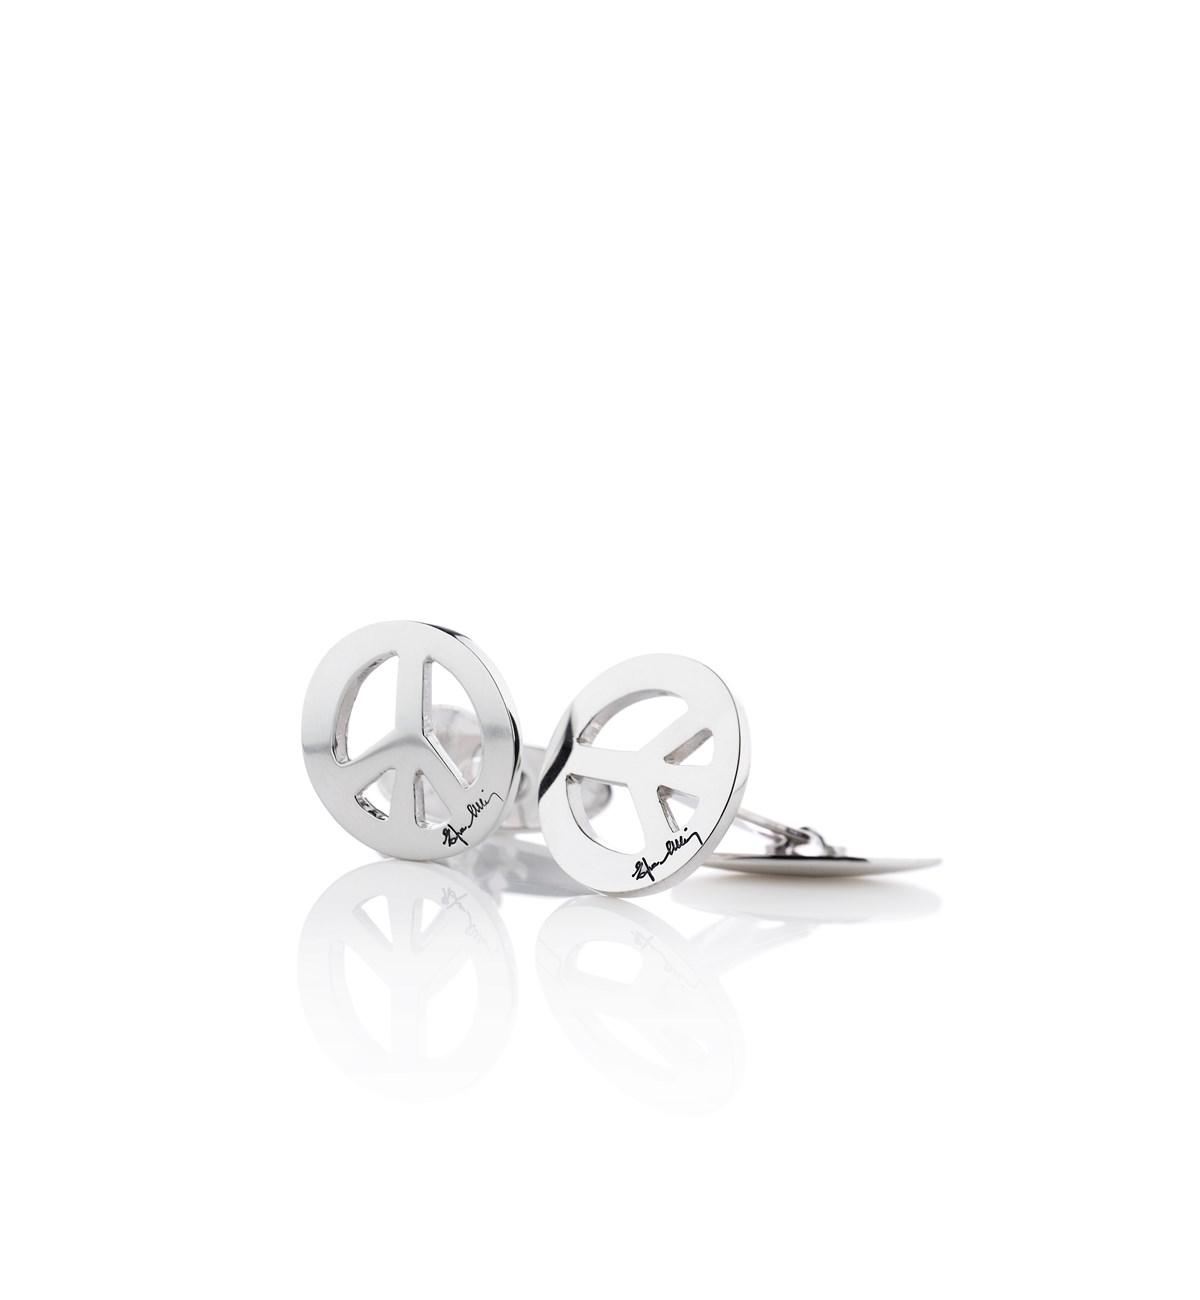 : - Peace Cufflinks